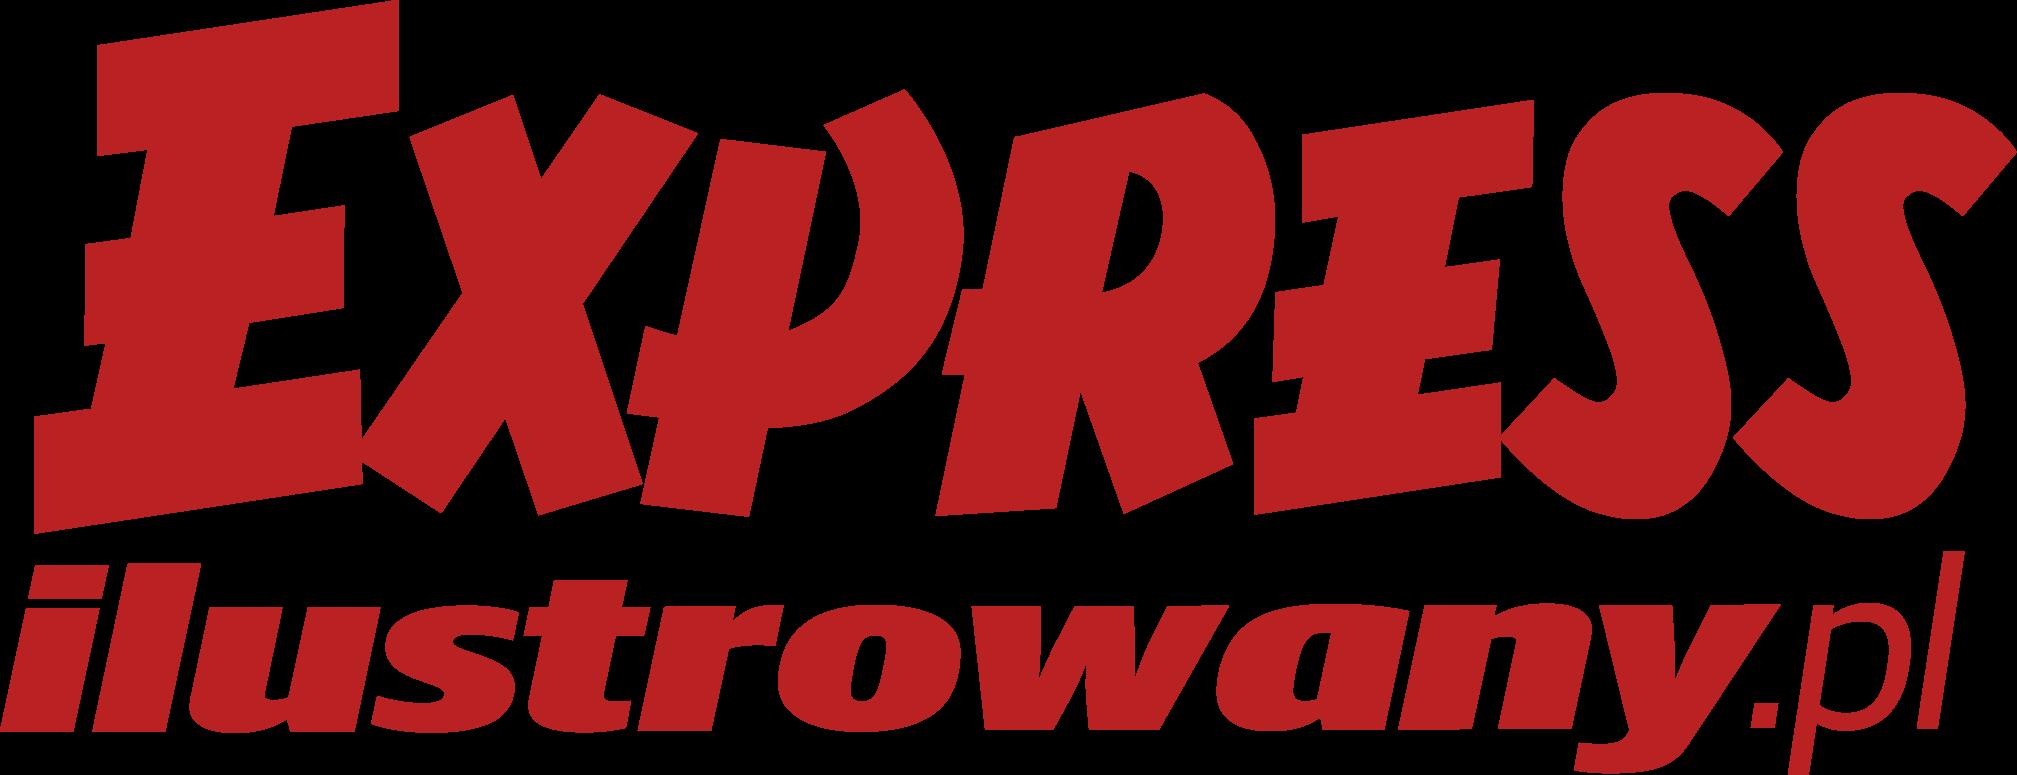 ExpressIlustrowany.pl - aktualności Łódź, wiadomości Łódź